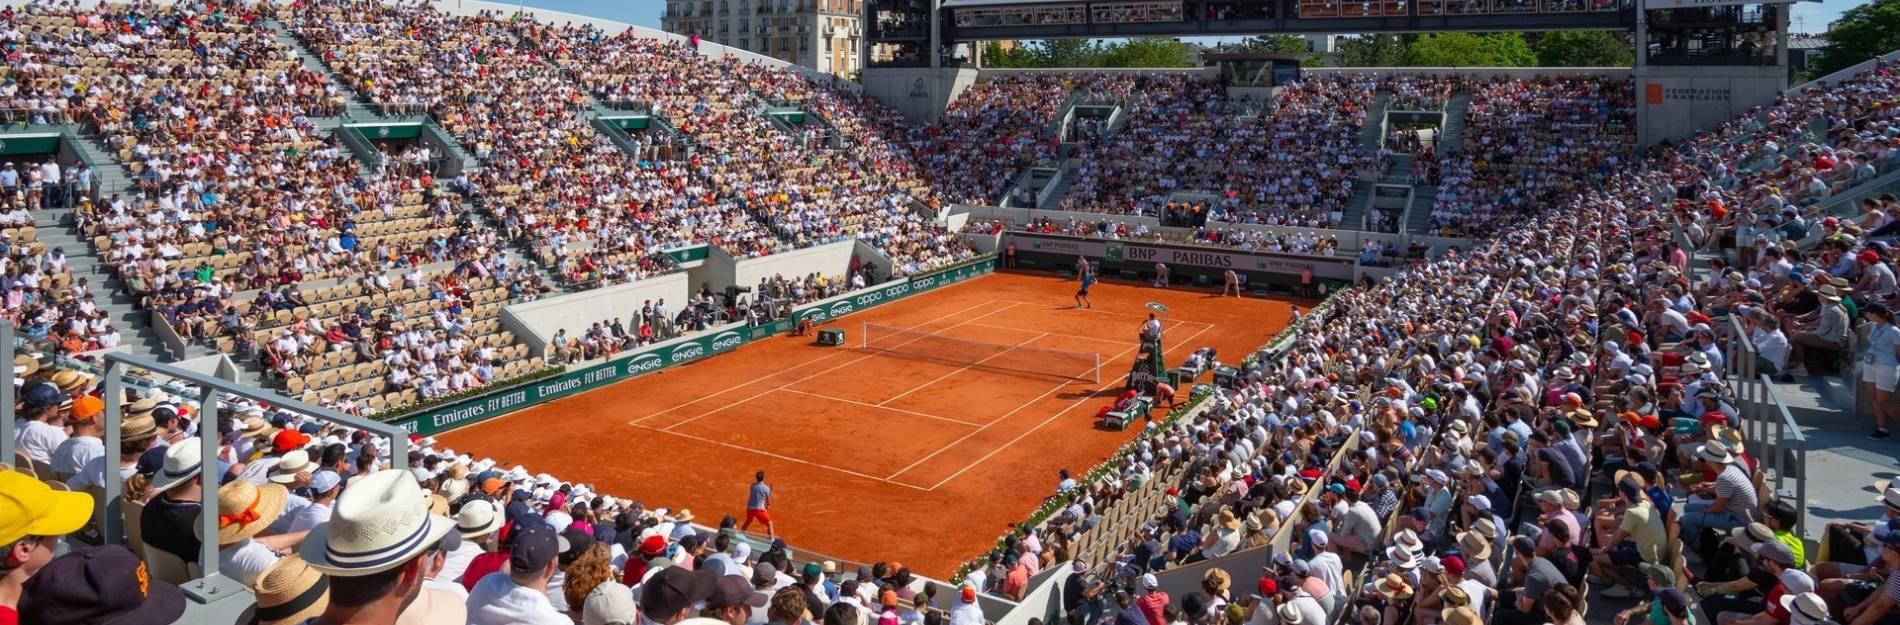 Stade singles